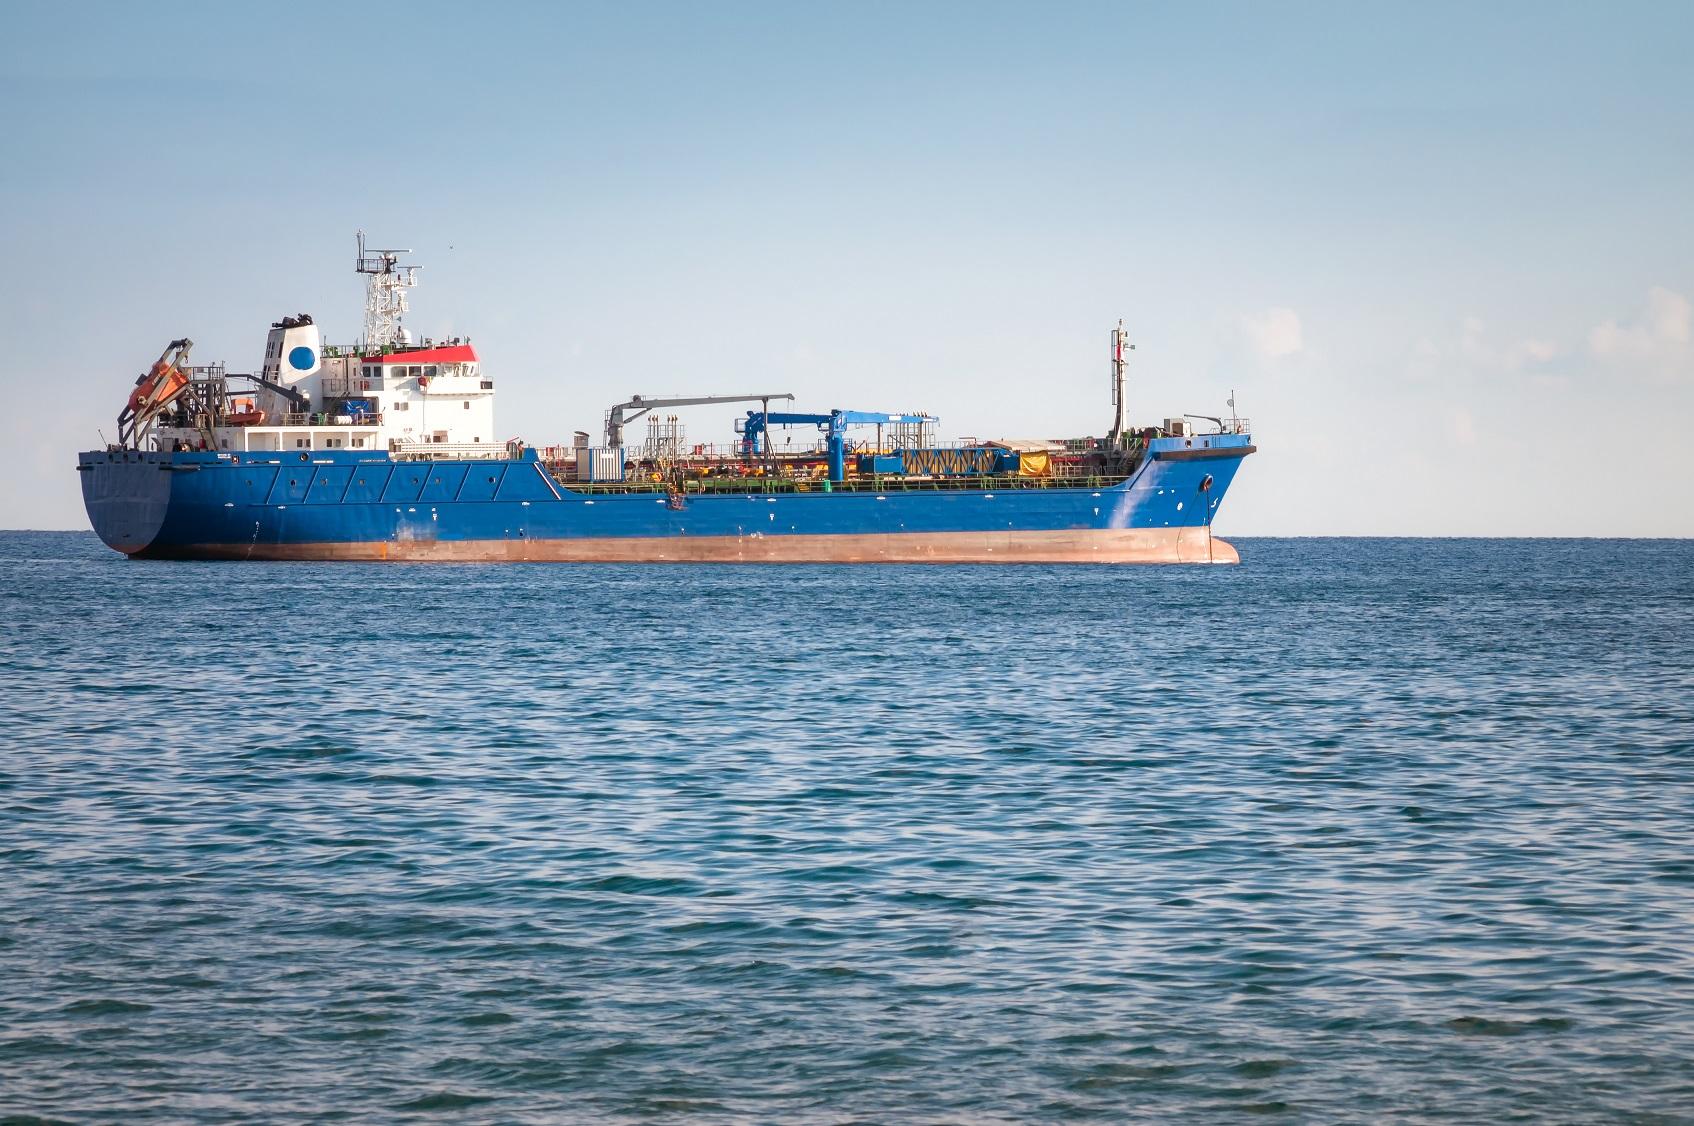 چه خساراتی تحت پوشش بیمه حمل و نقل دریایی قرار میگیرند